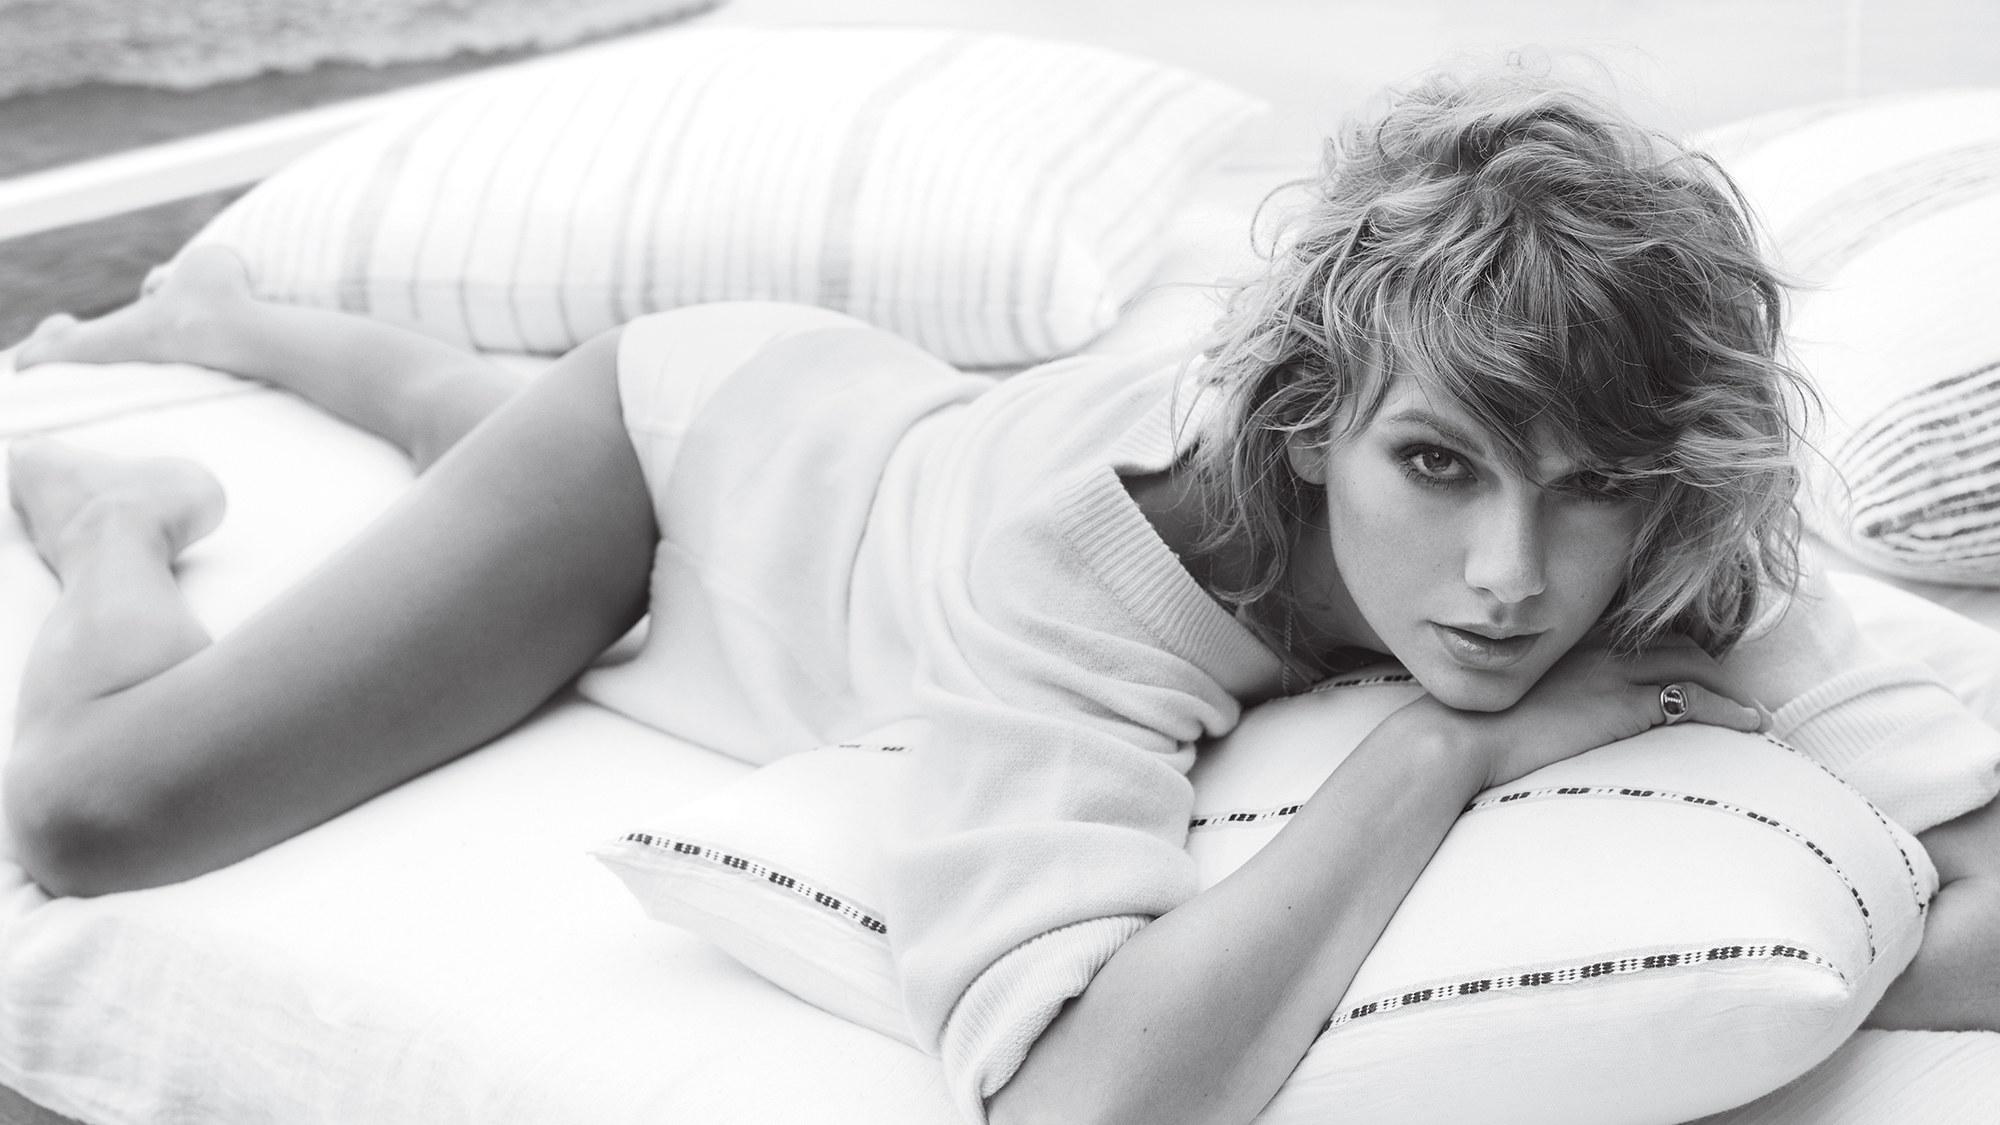 Taylor Swift Full Hd